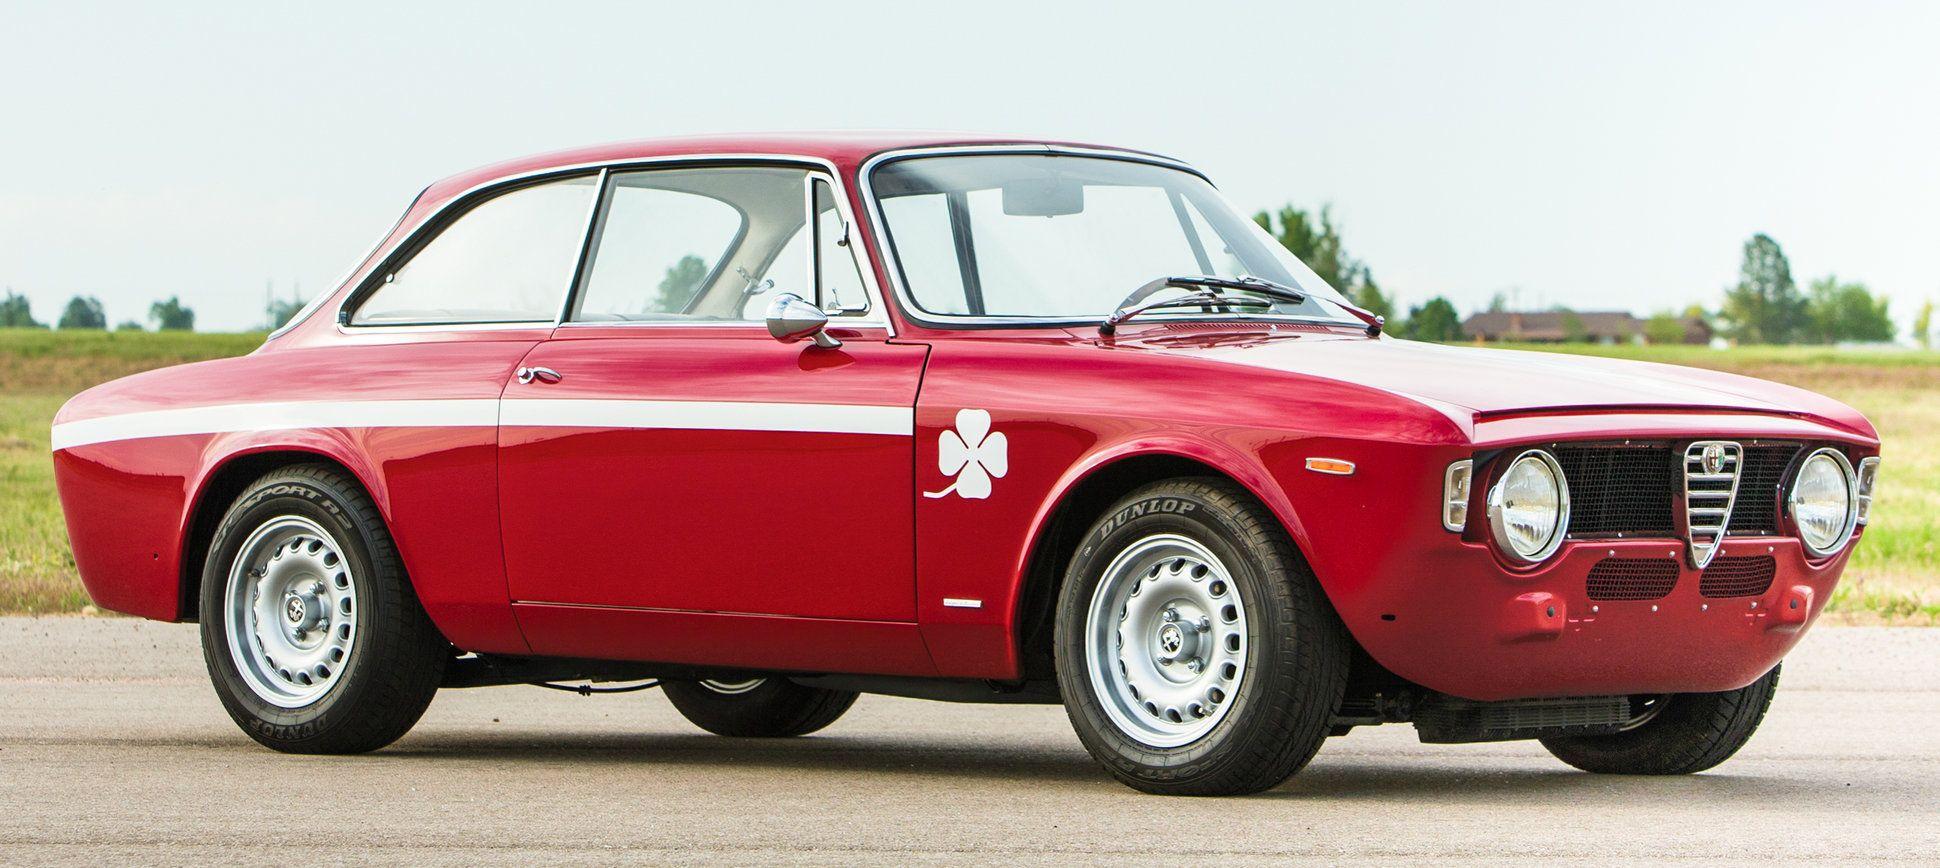 cars-alfa-romeo-gta-coupe-23996 (1940×868) | european autos